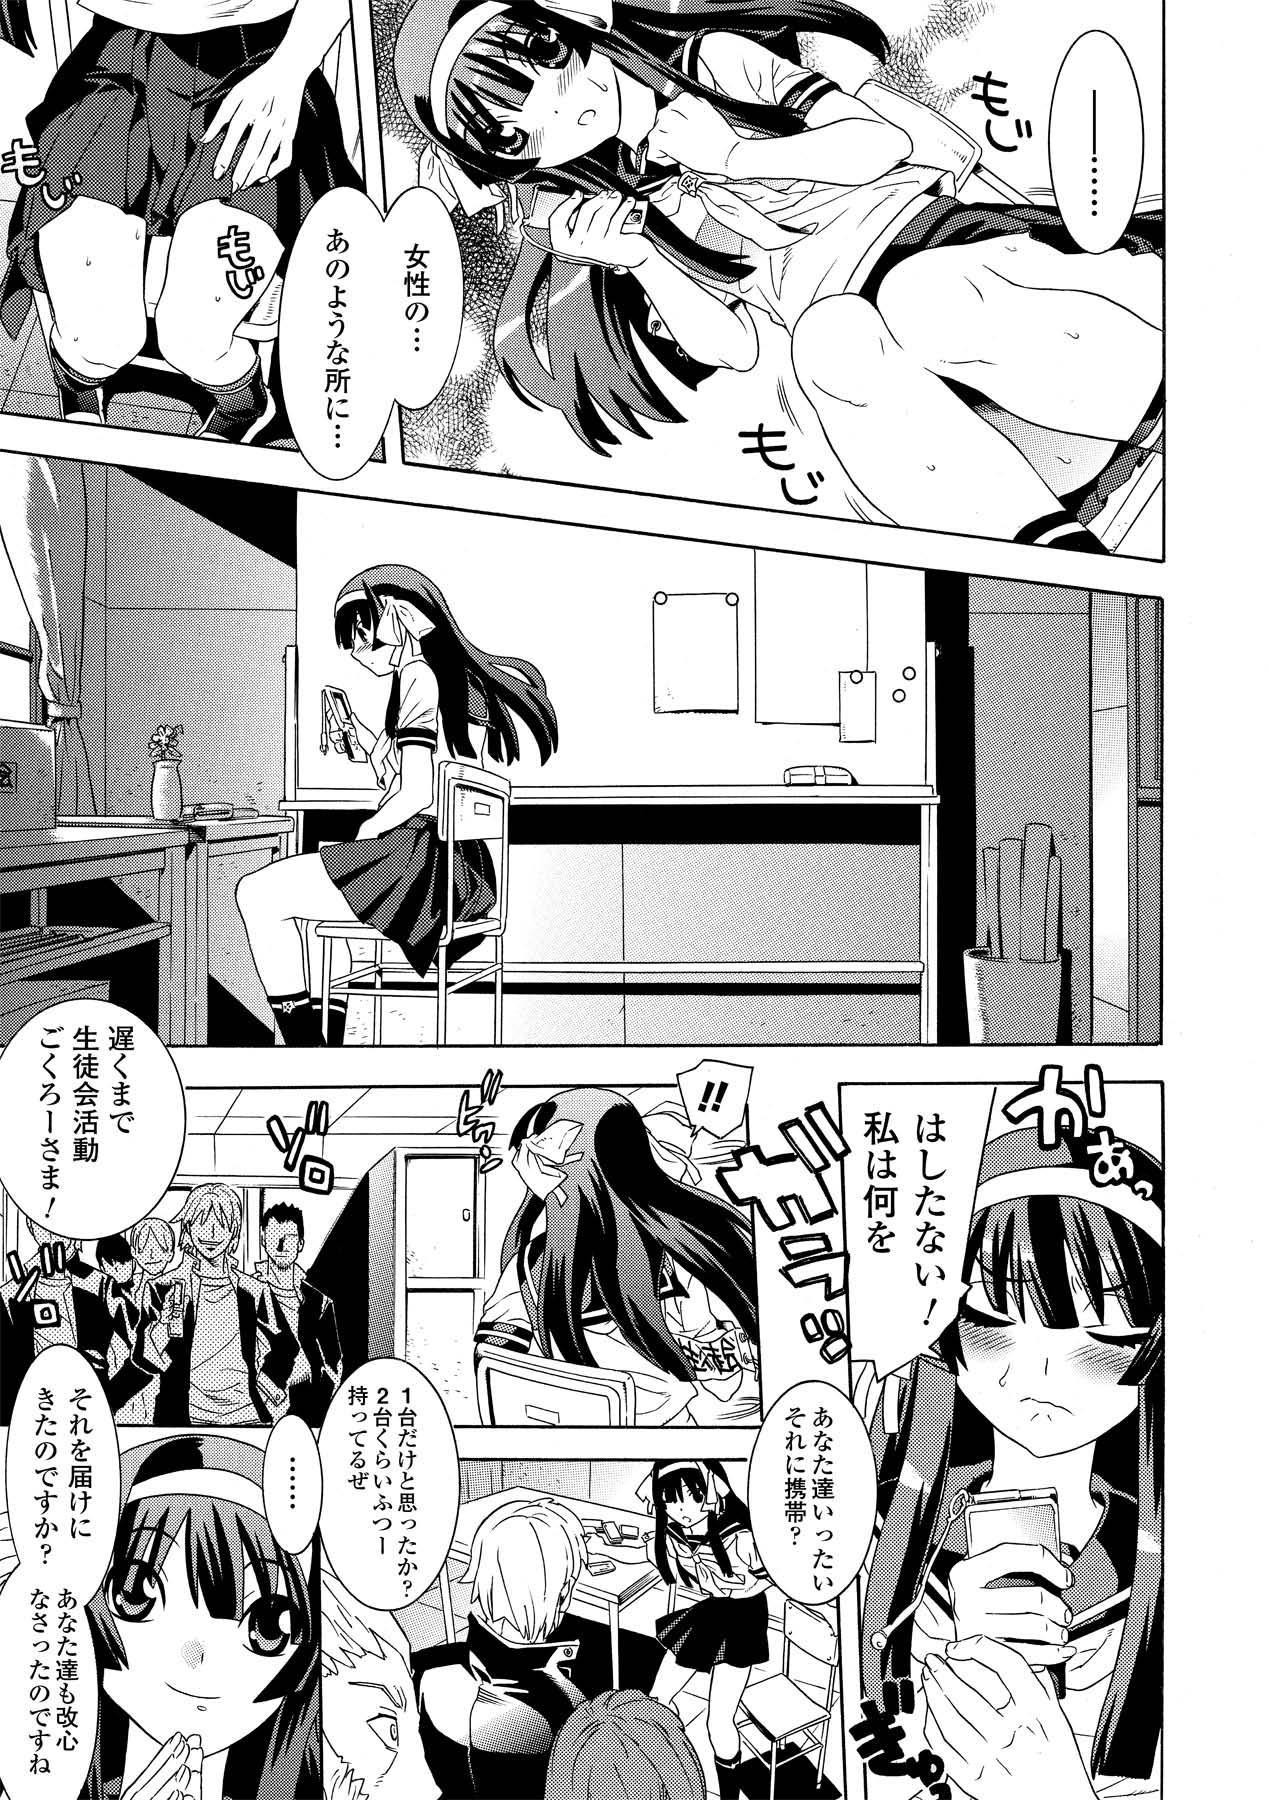 Ahegao Anthology Comics Vol. 2 26